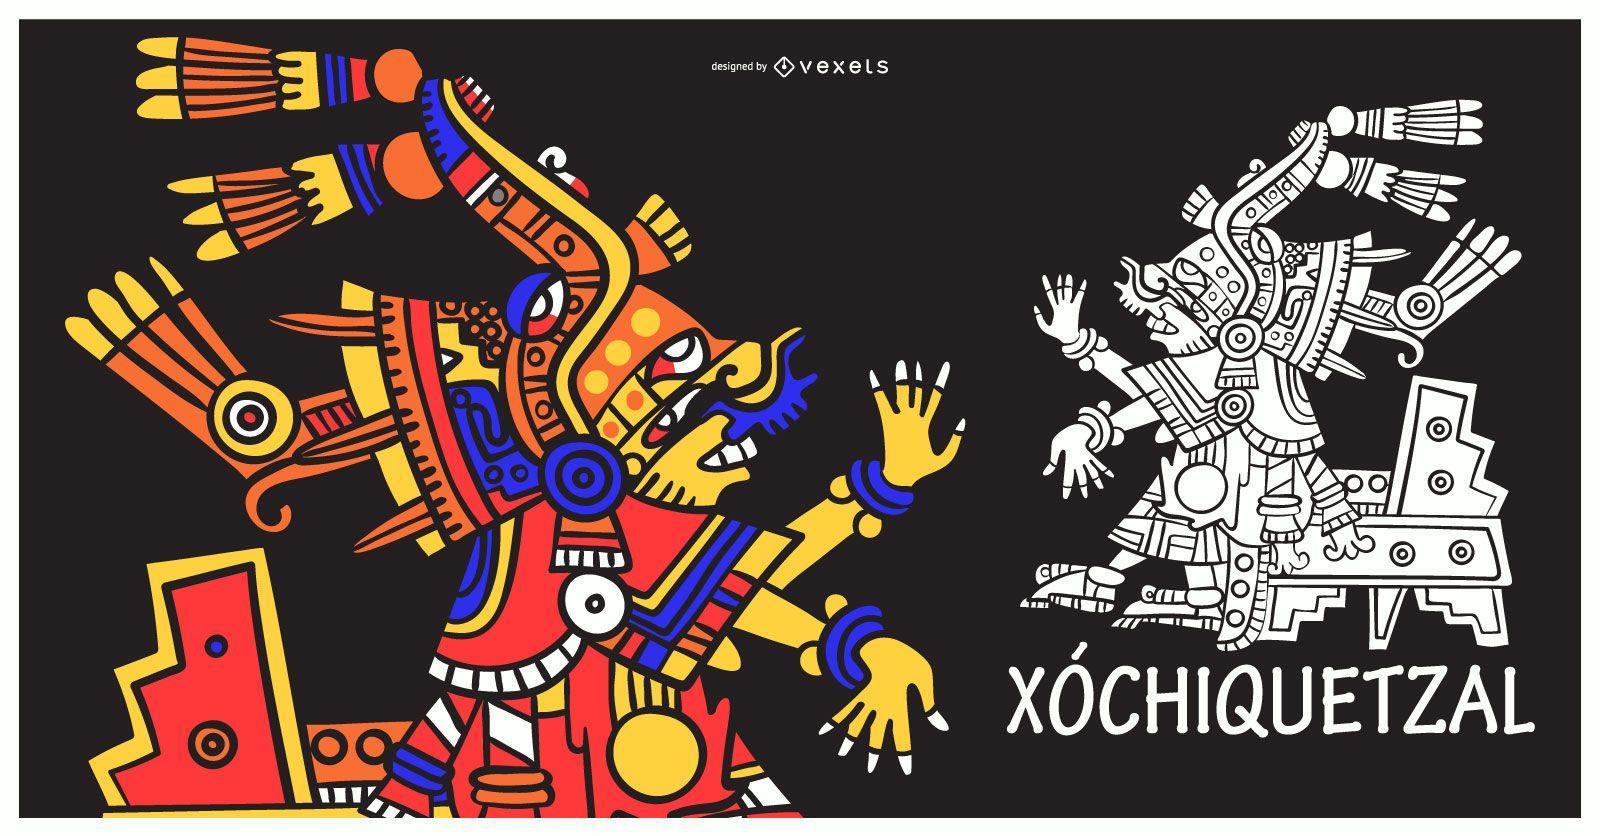 Aztec god xochiquetzal illustration